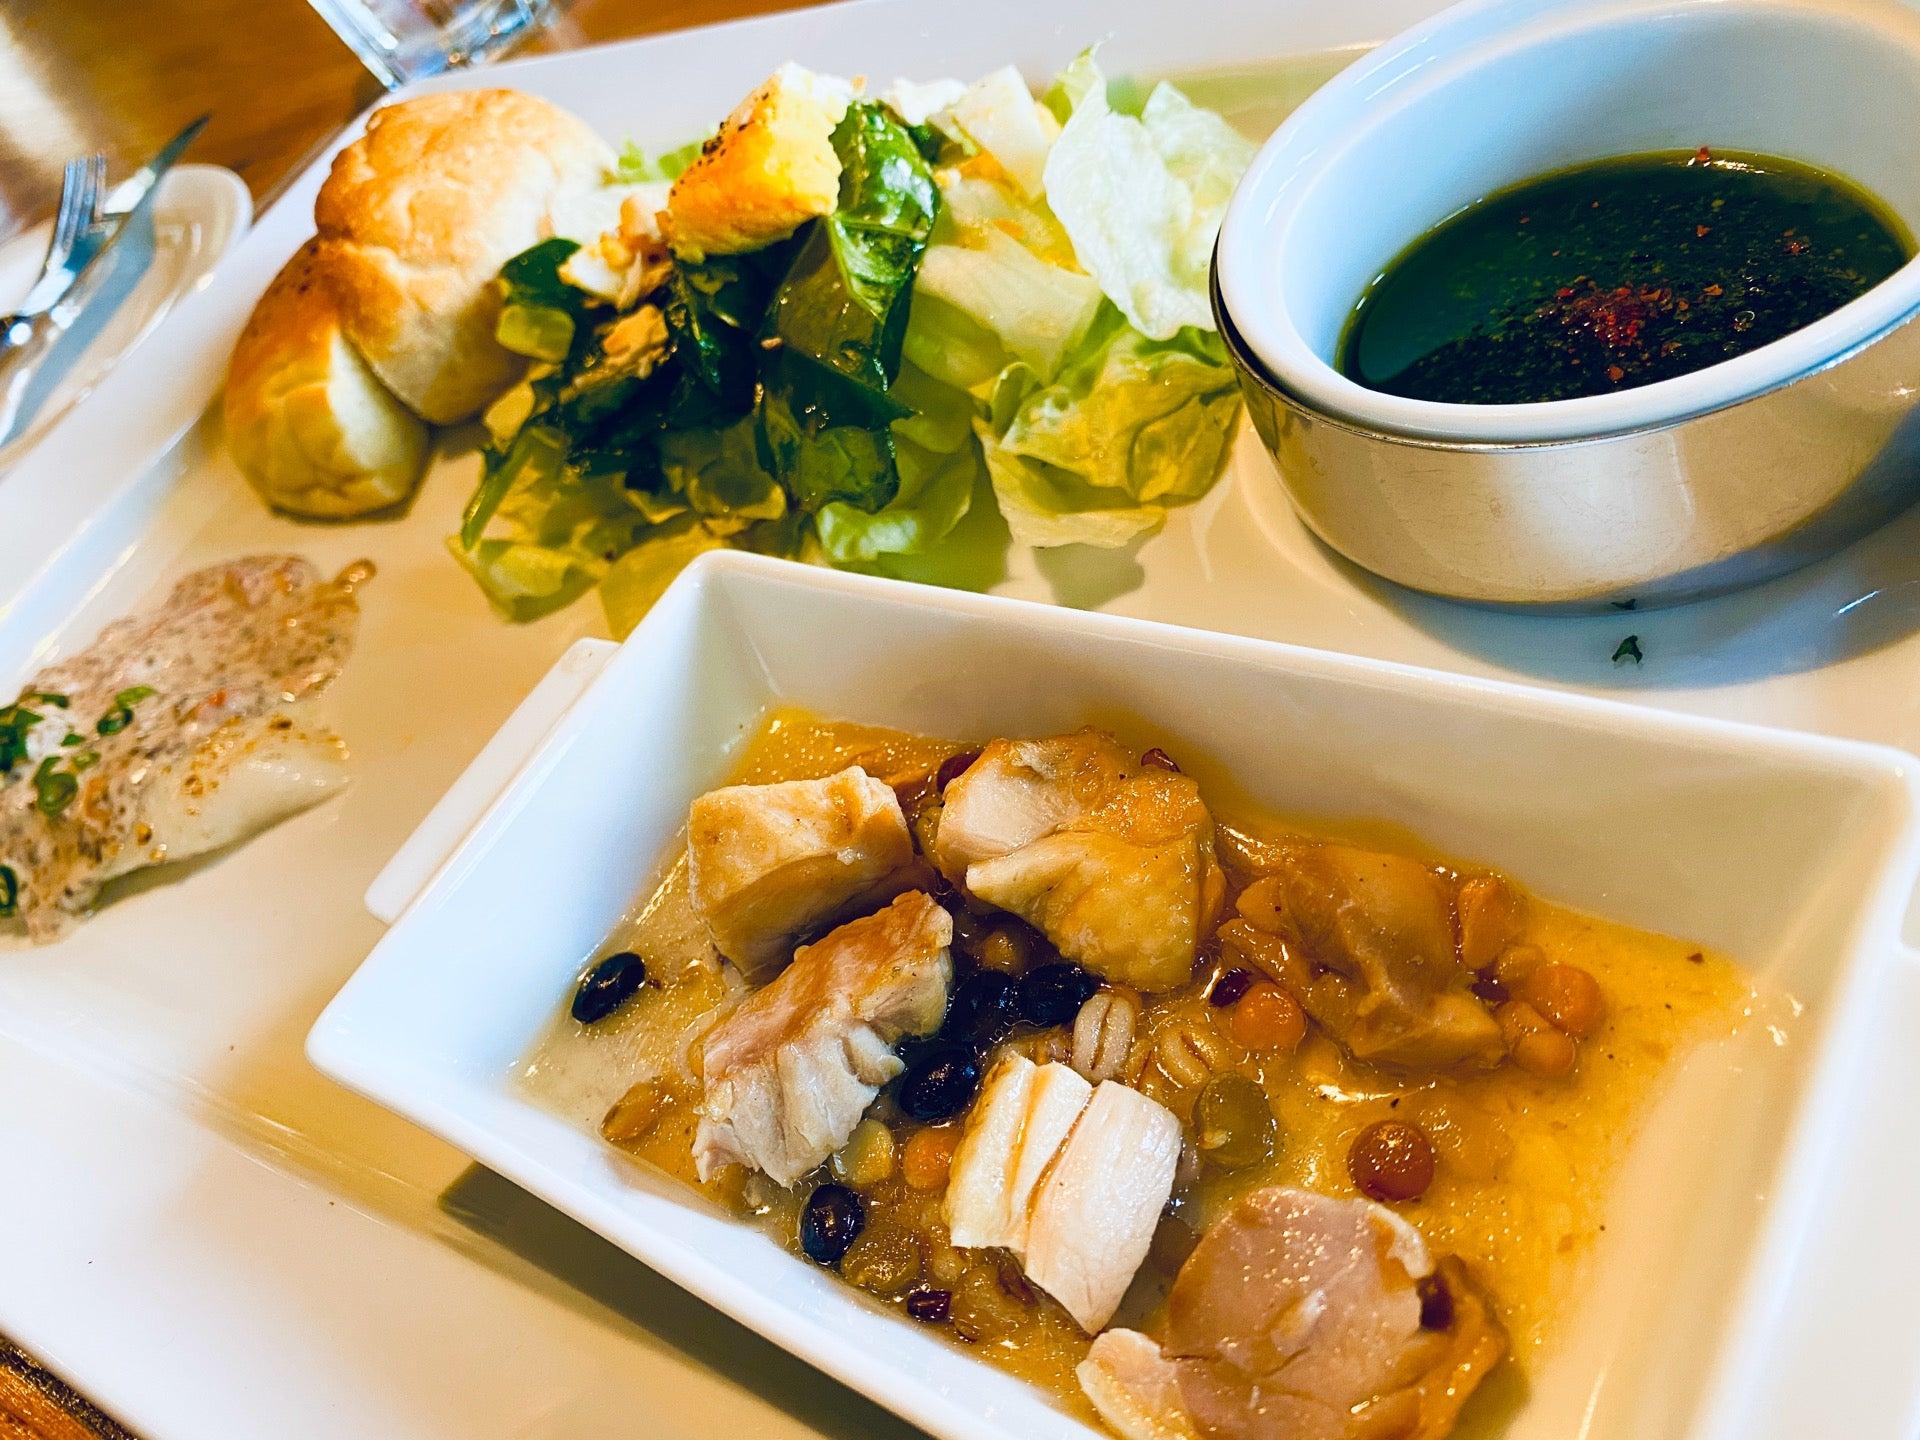 バジルソースとかトマトクリームとか (゚д゚)ウマー (@ イタリア料理 Kan in 小牧市, 愛知県) https://t.co/bQld9mru7p https://t.co/fWBEv5DhtP